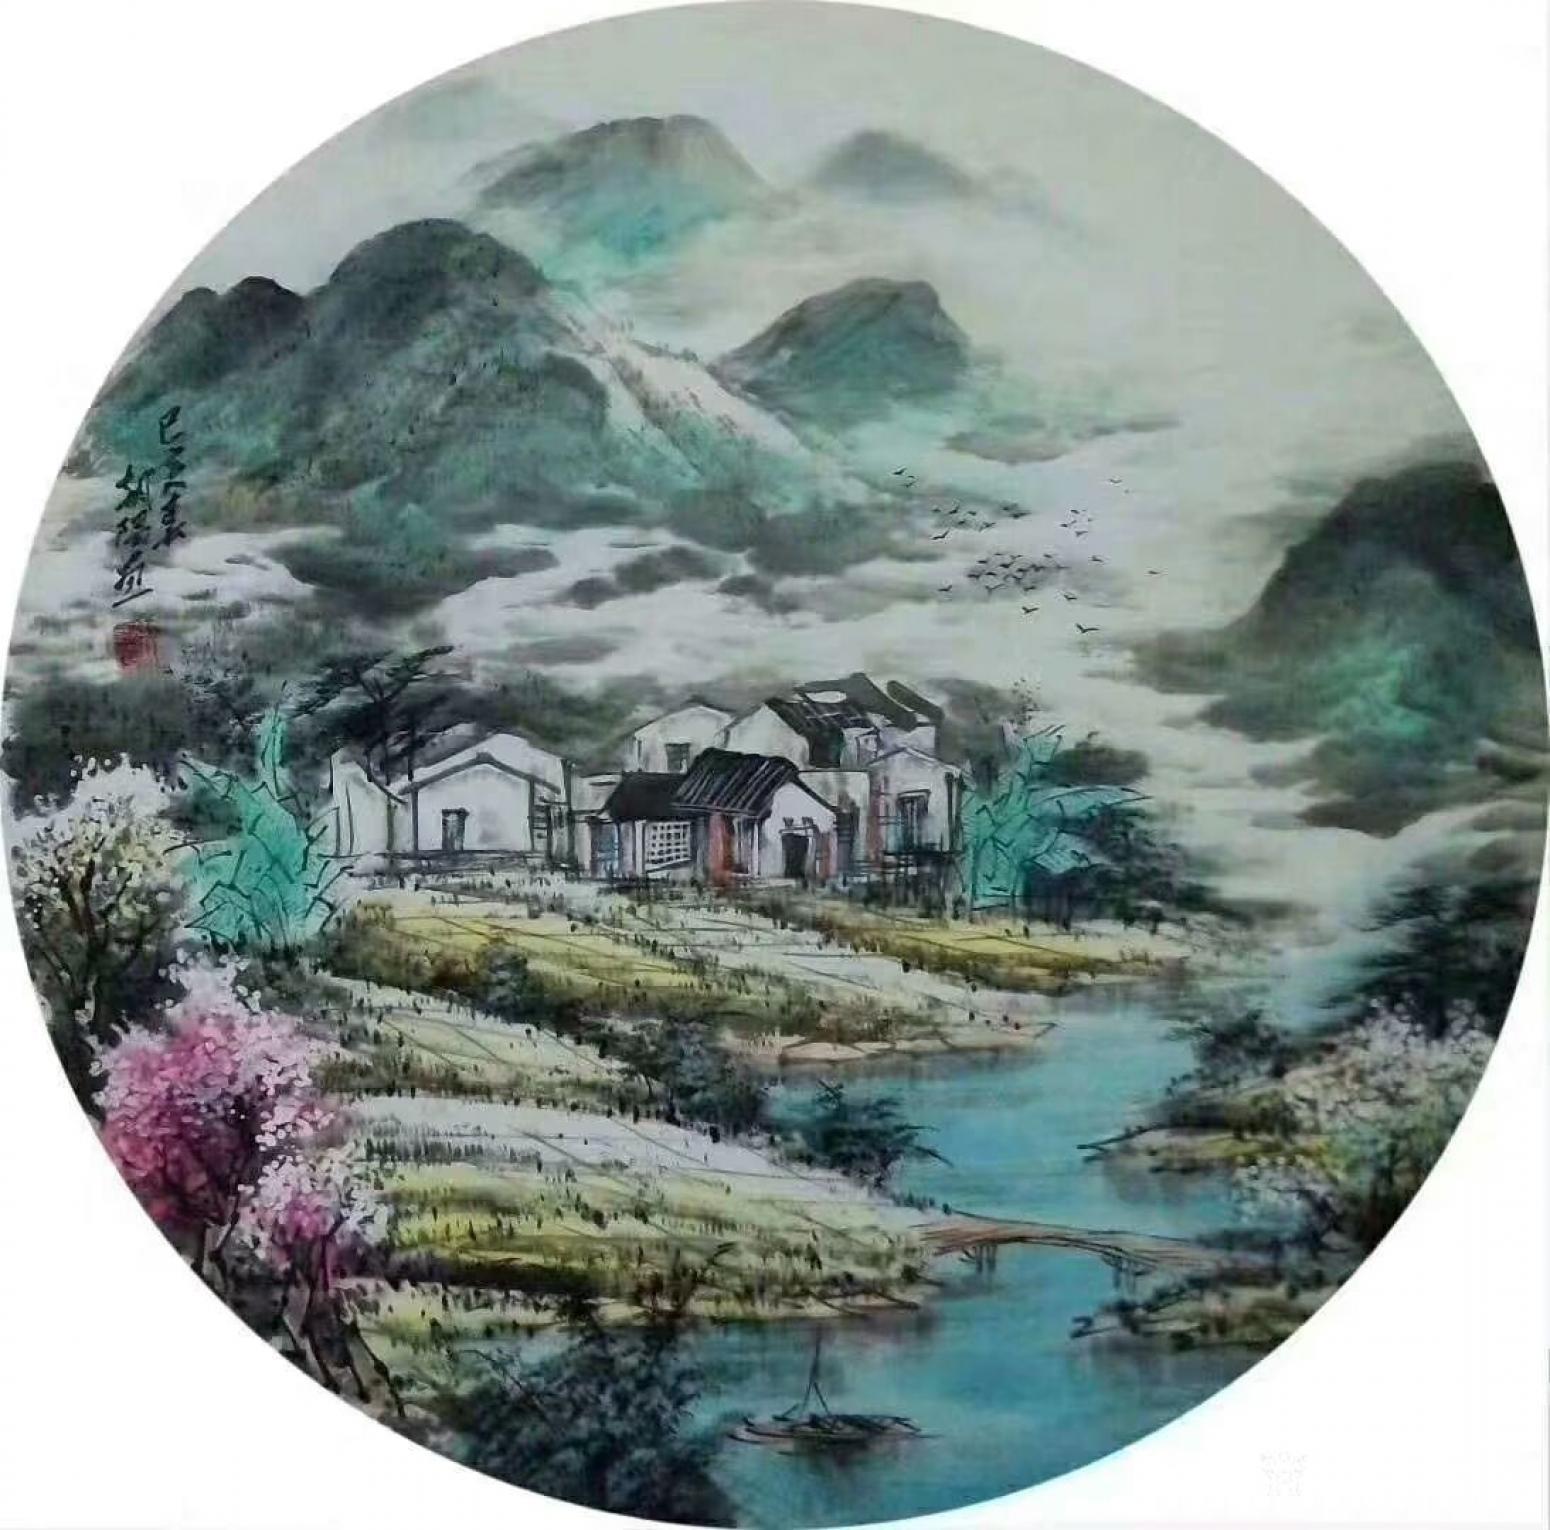 吴朝阳国画作品《山水画世外桃源春》